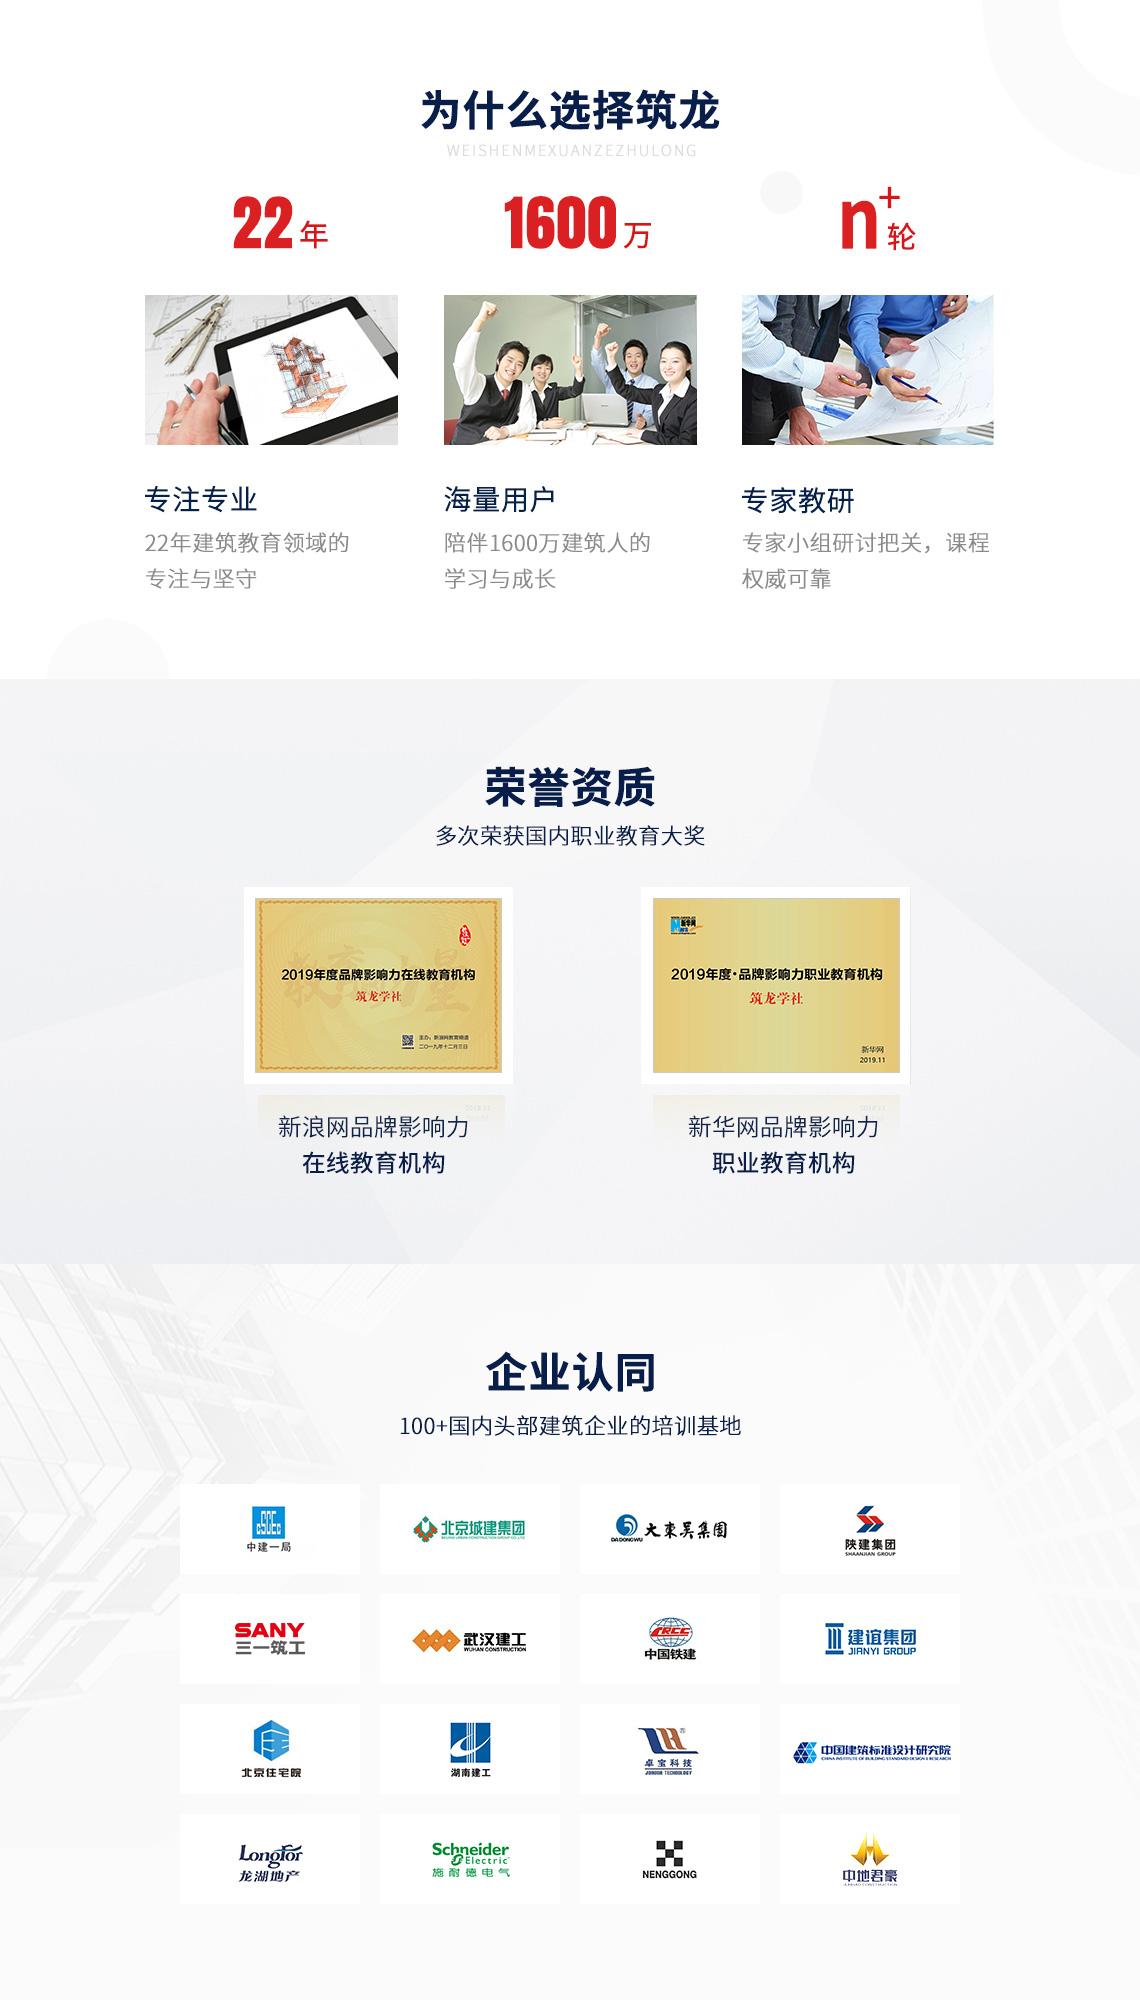 企业信任页  seo关键字:装配式建筑,装配式建筑电气,BIM机电,管线预埋